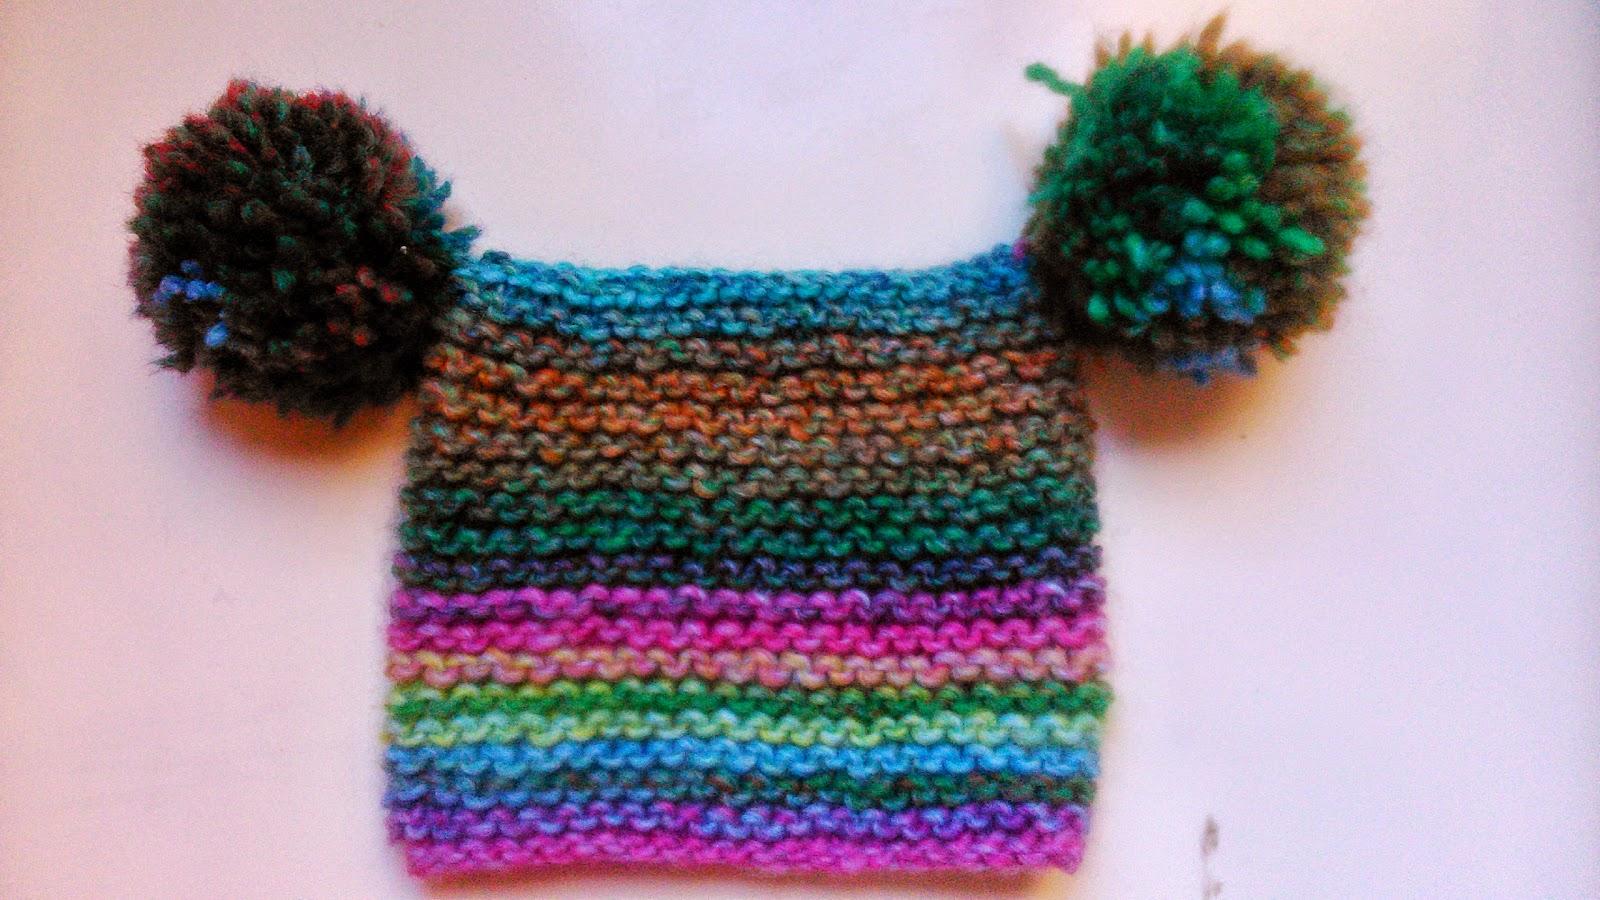 3a2c5463d Las lana que he usado es de la marca Katia, modelo Azteka , color 7842.  Ideal para bebes, por su colorido y suavidad. No pica nada.